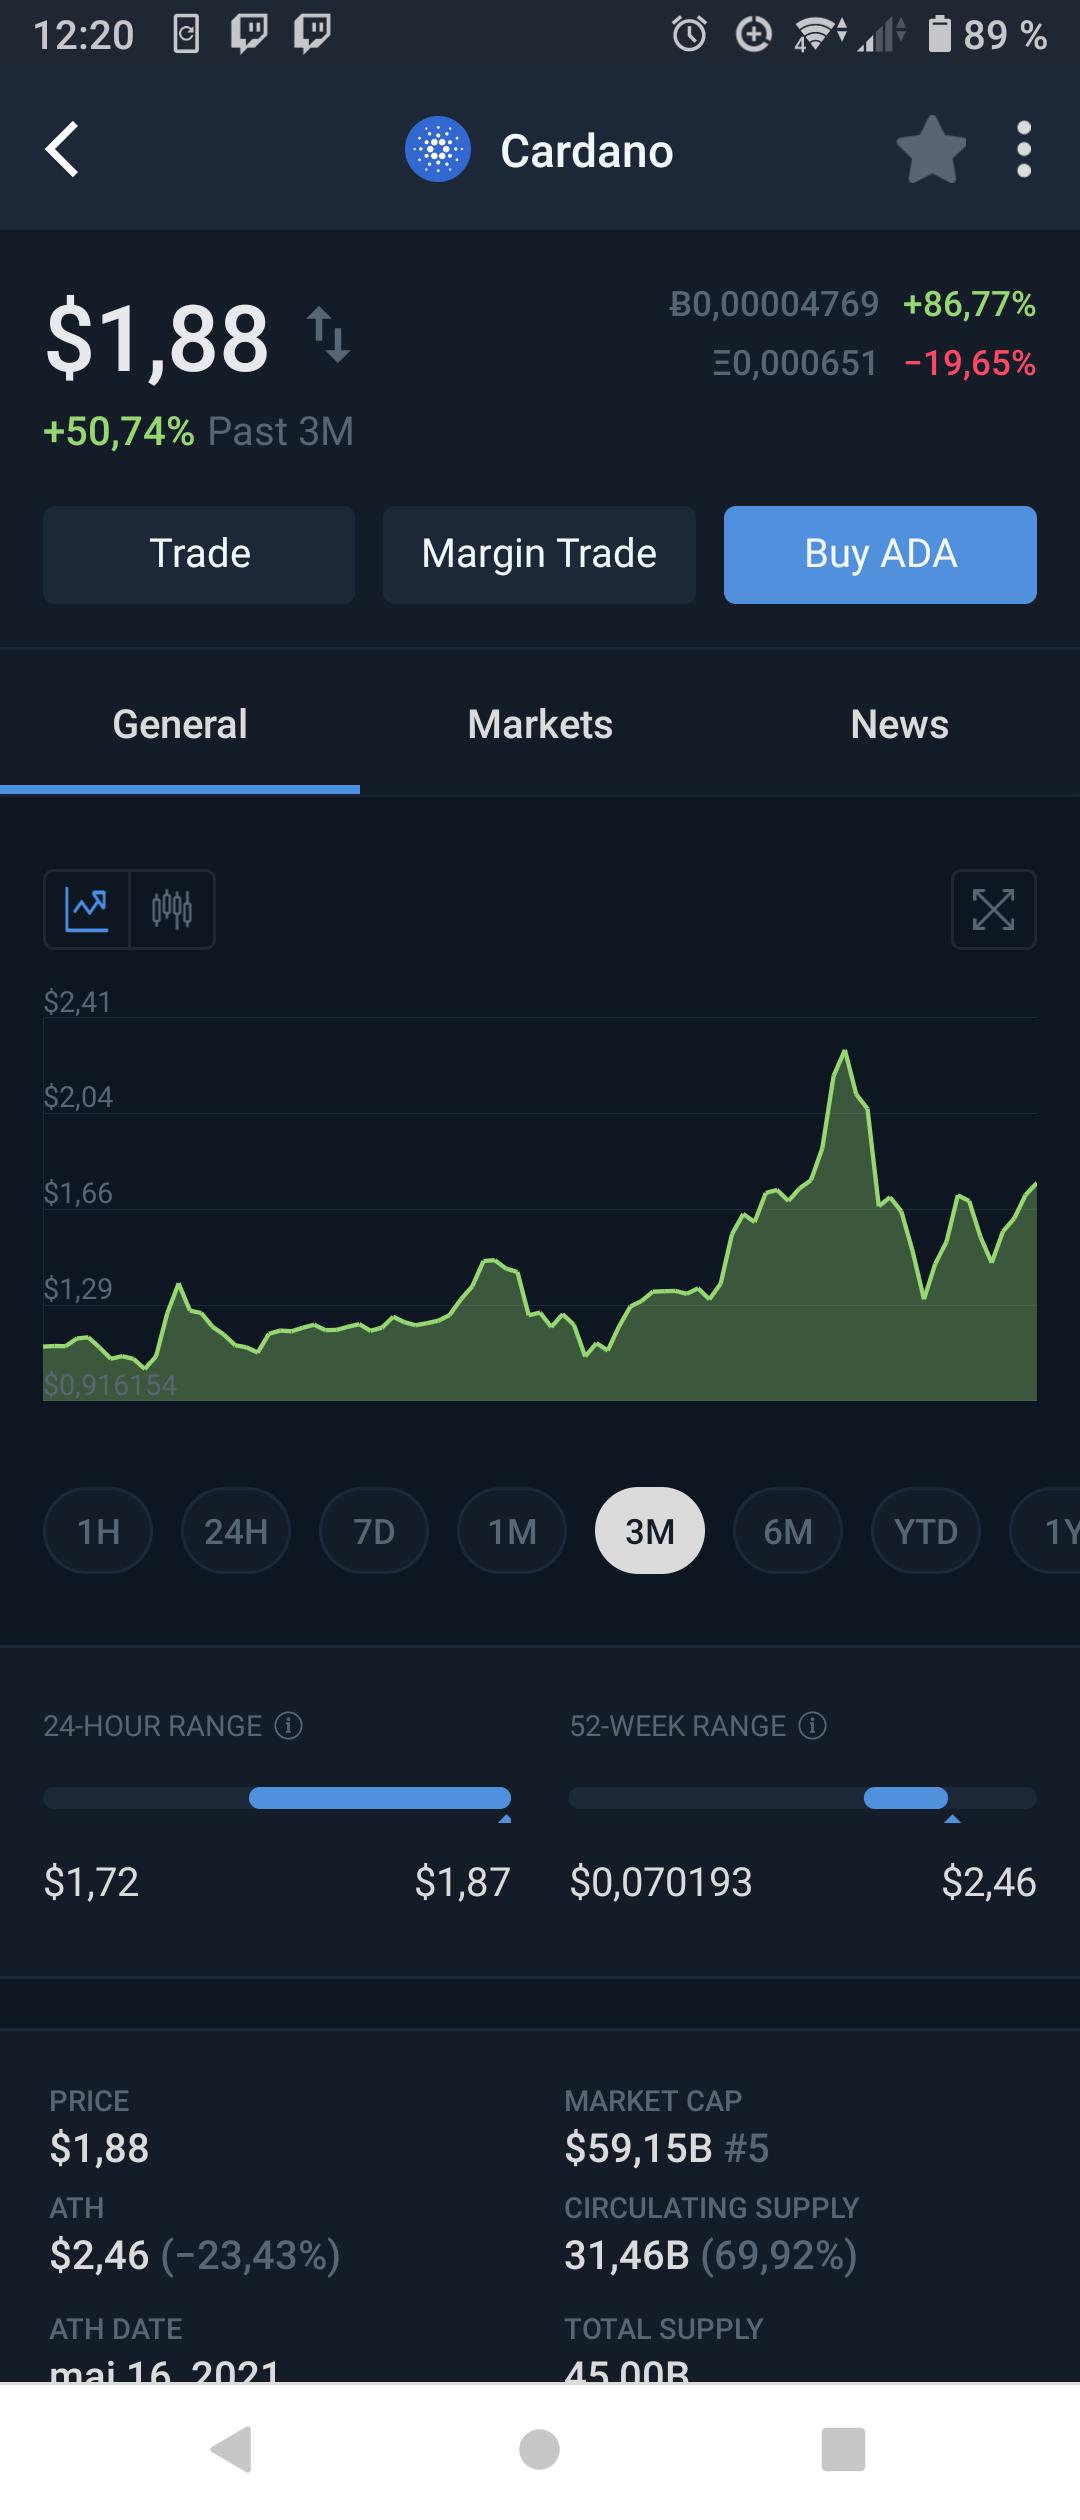 coincodex app